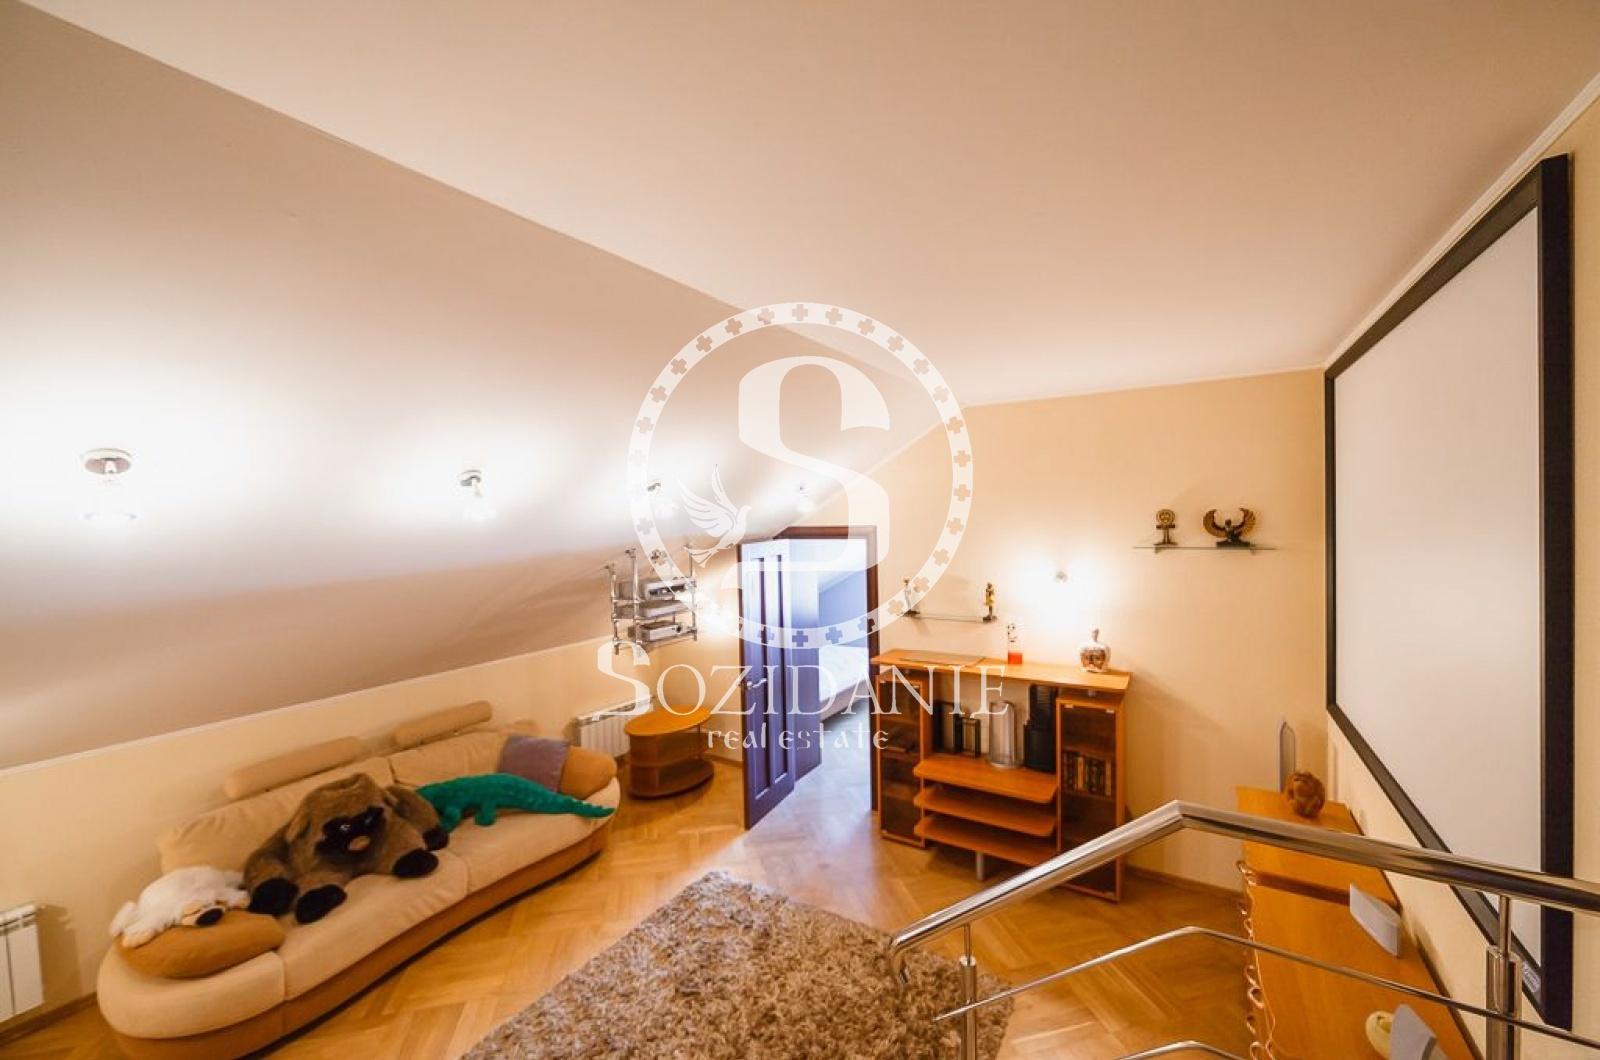 4 Bedrooms, Загородная, Продажа, Listing ID 1430, Московская область, Россия,